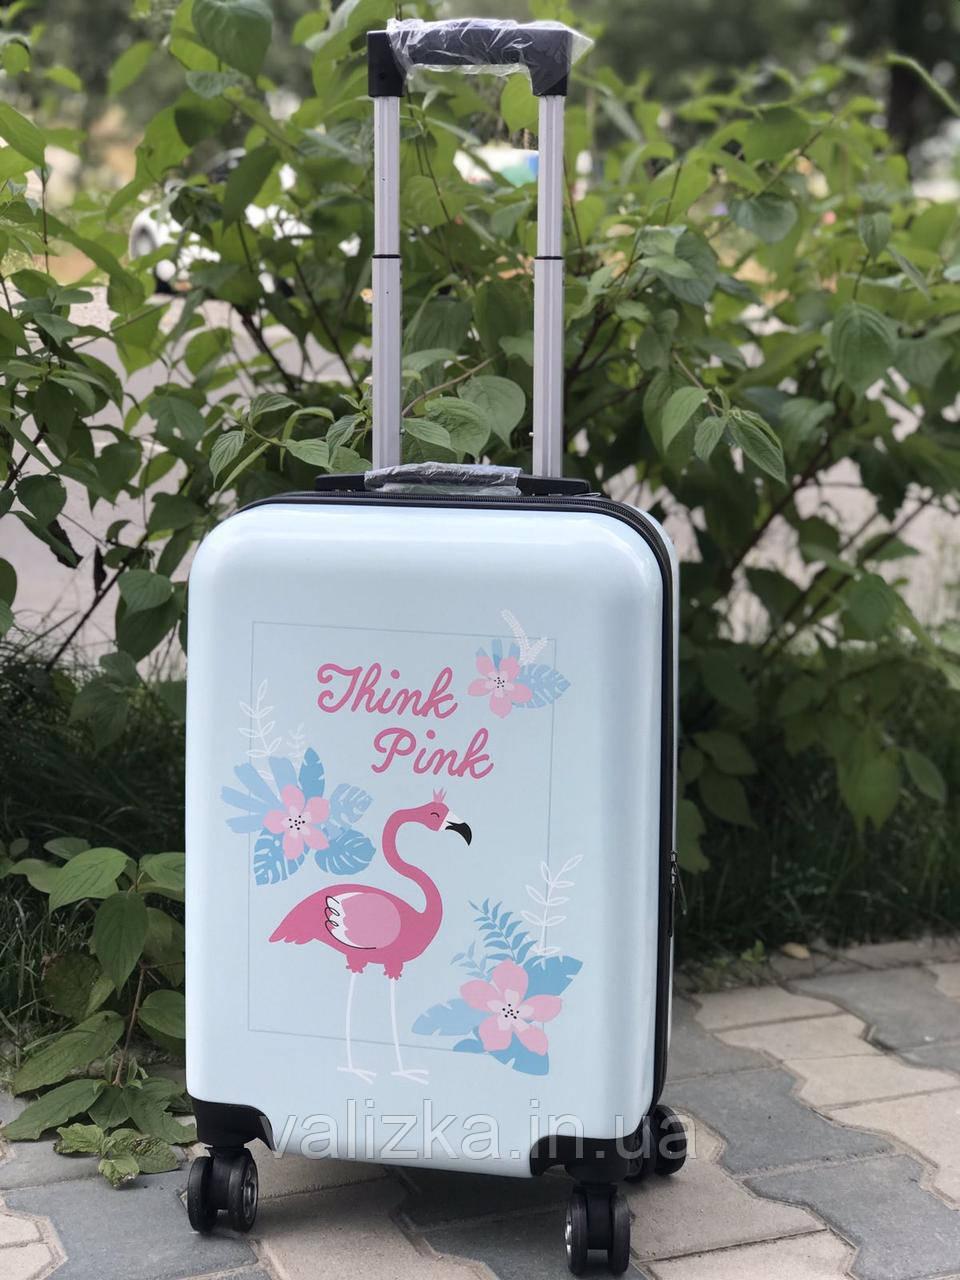 Пластиковый чемодан с фламинго / Валіза пластикова з фламінго